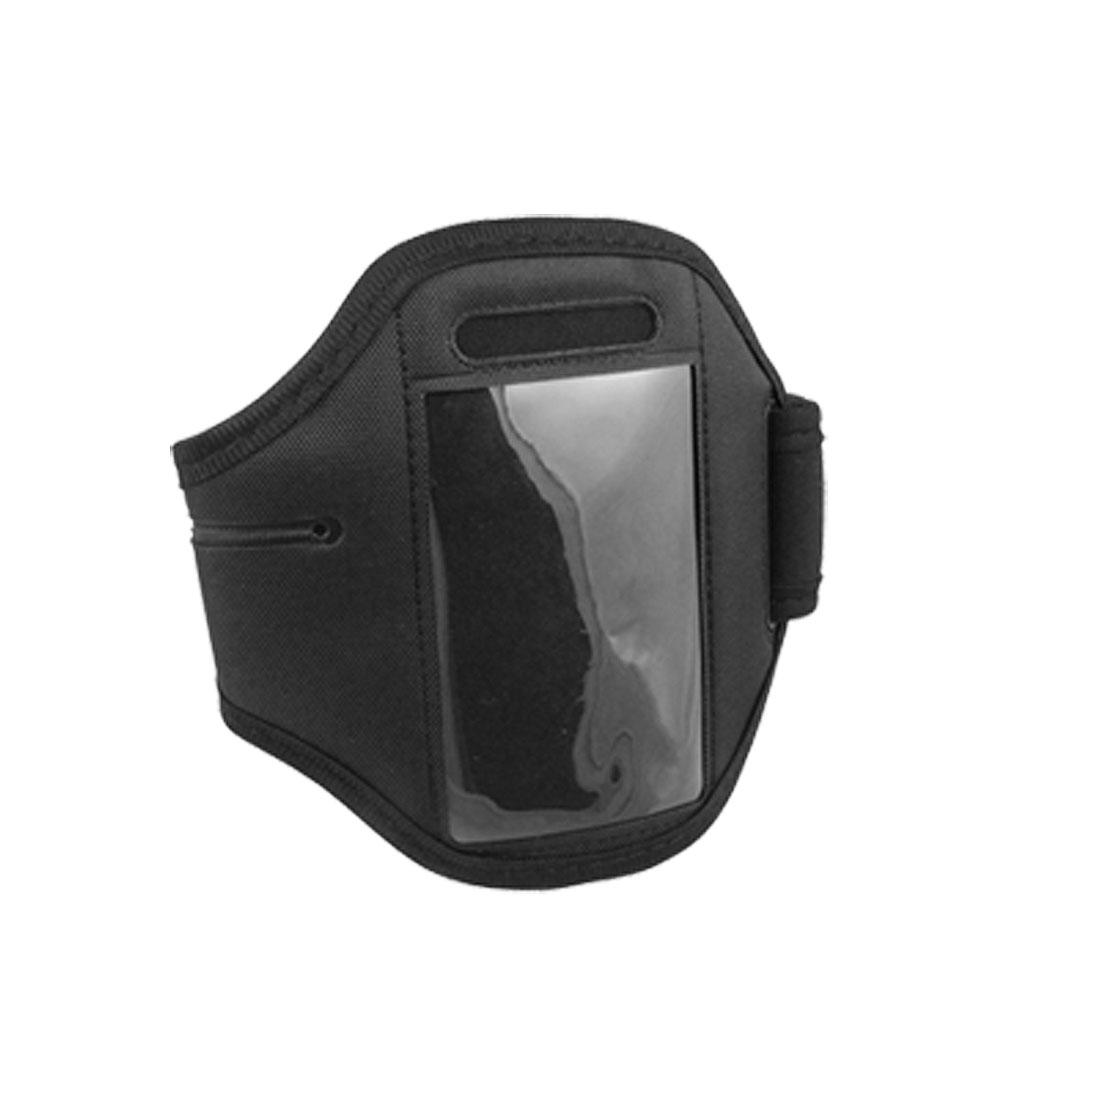 Black Adjustable Hook and Loop Fastener Faster Armband Holder for Mobile Phone